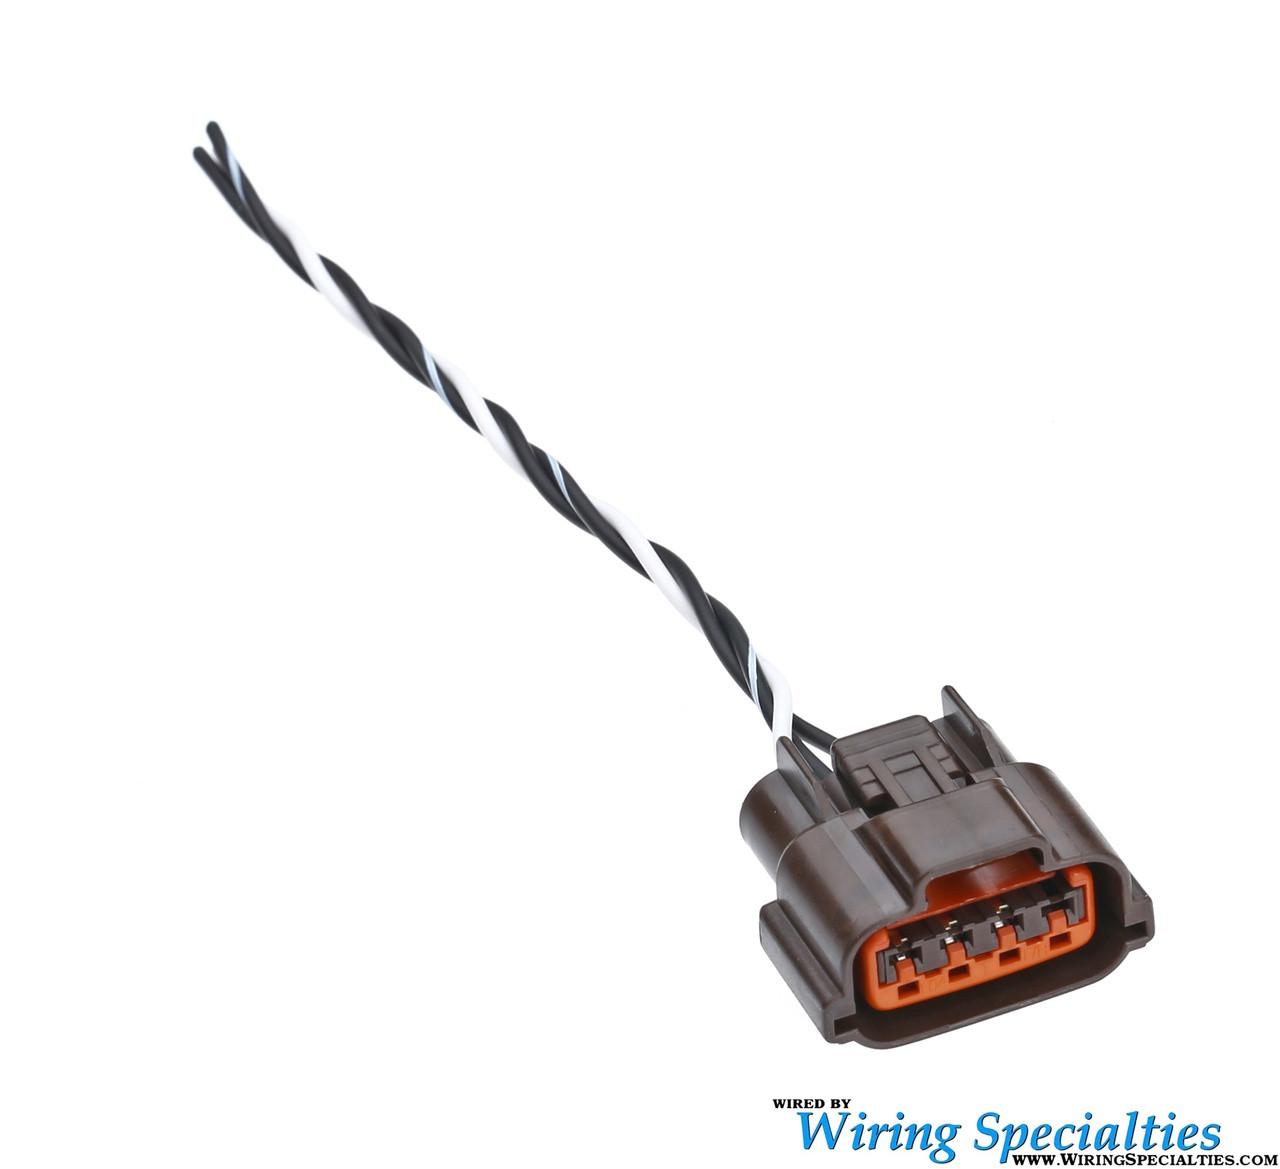 s14 sr20det s13 wiring diagram sr20det ecu diagram s15 sr20 mafs mass air flow sensor connector [ 1280 x 1169 Pixel ]